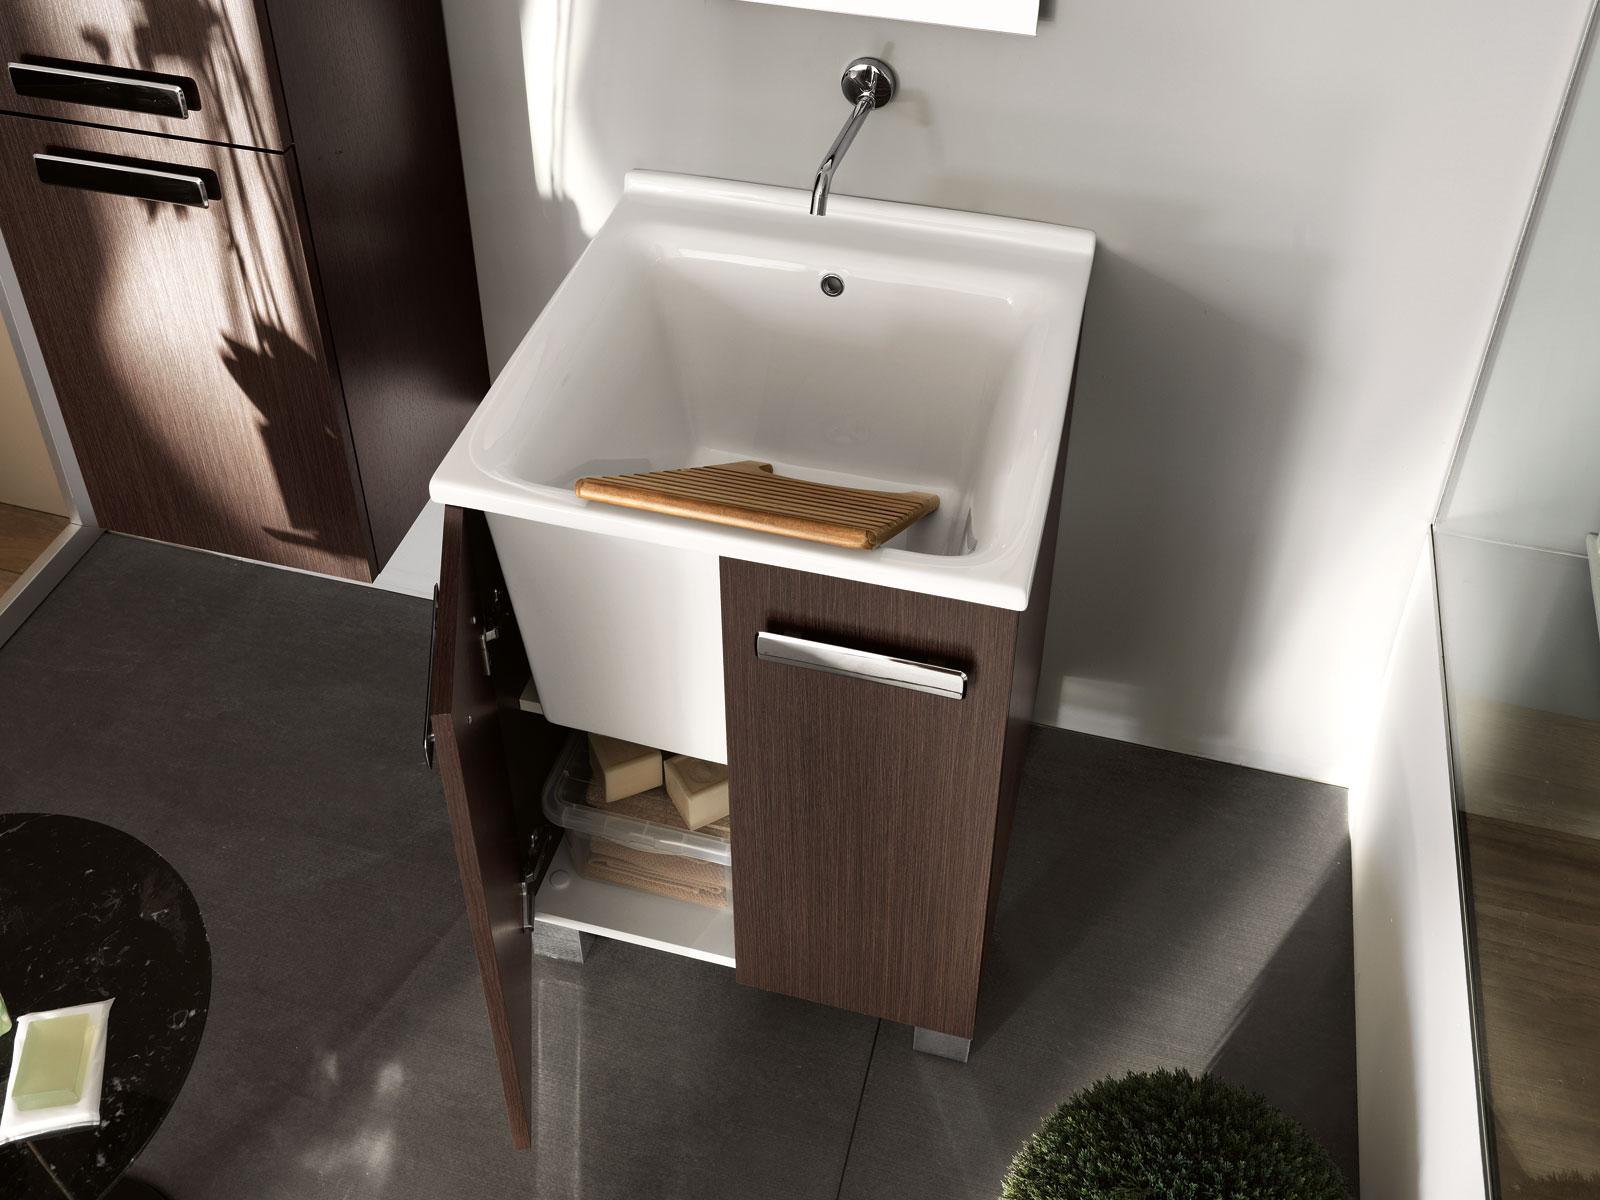 Lavatoio mobile a terra ceramichemichelediprima - Mobile lavatoio ...